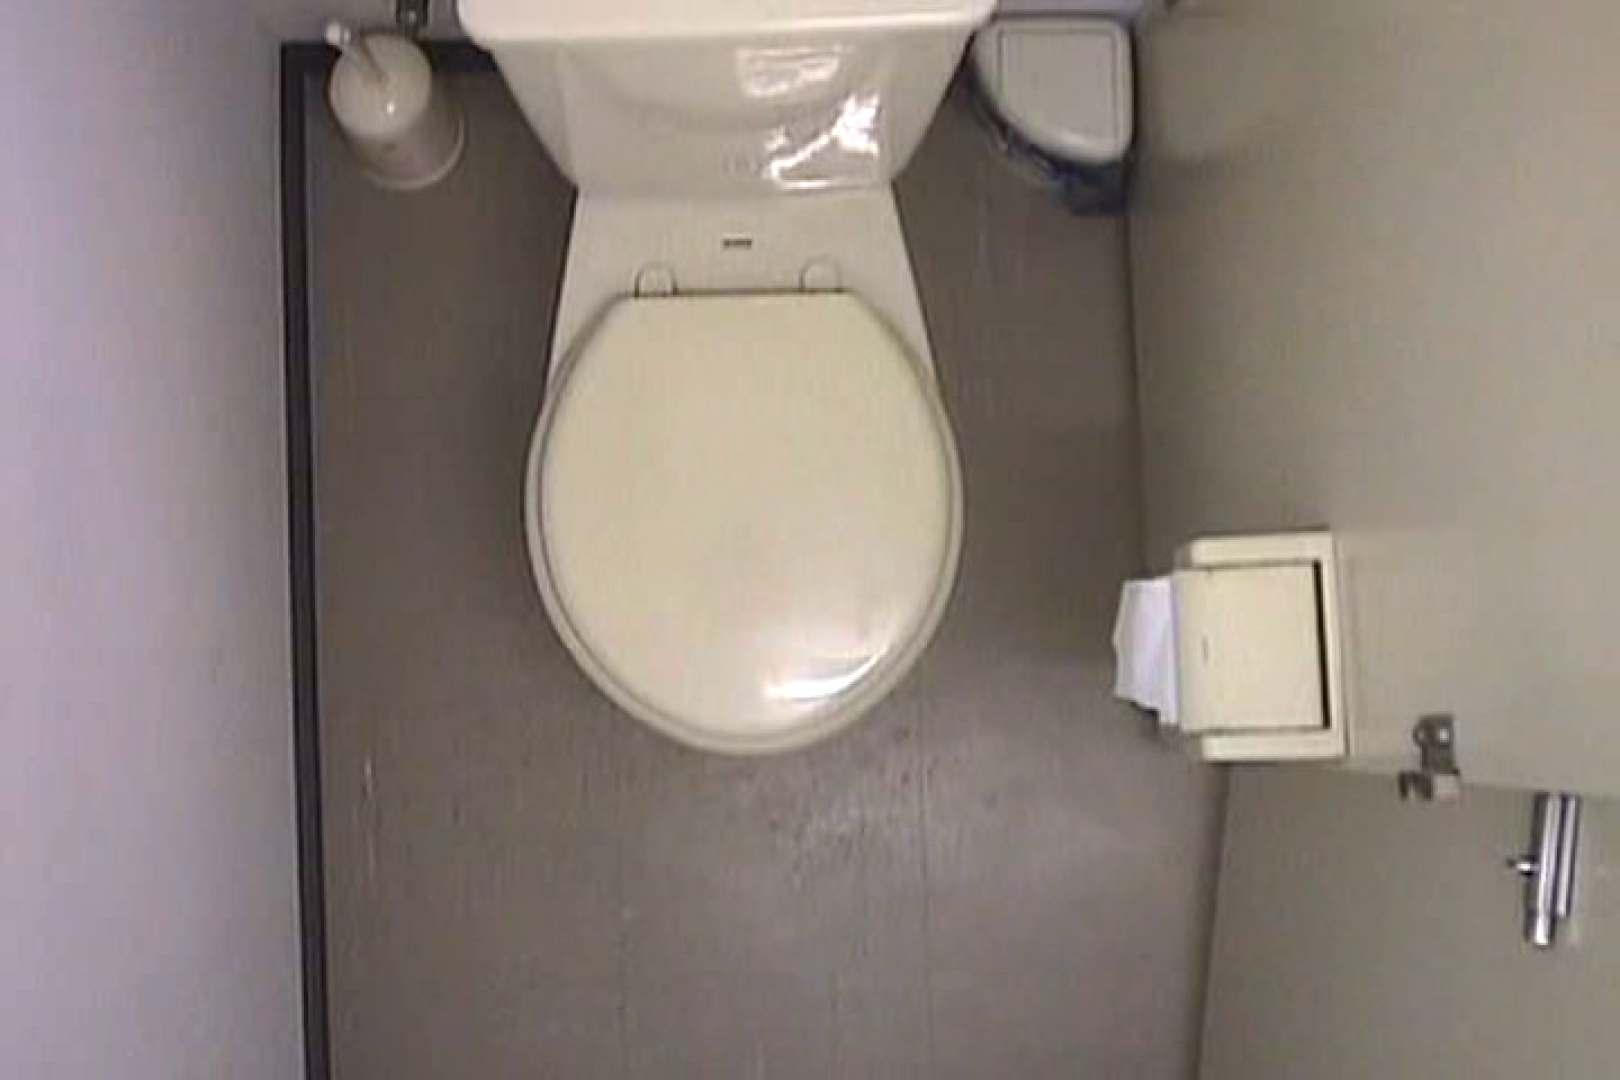 雑居ビル洗面所オナニーVol.2 ナプキン エロ画像 55PICs 24